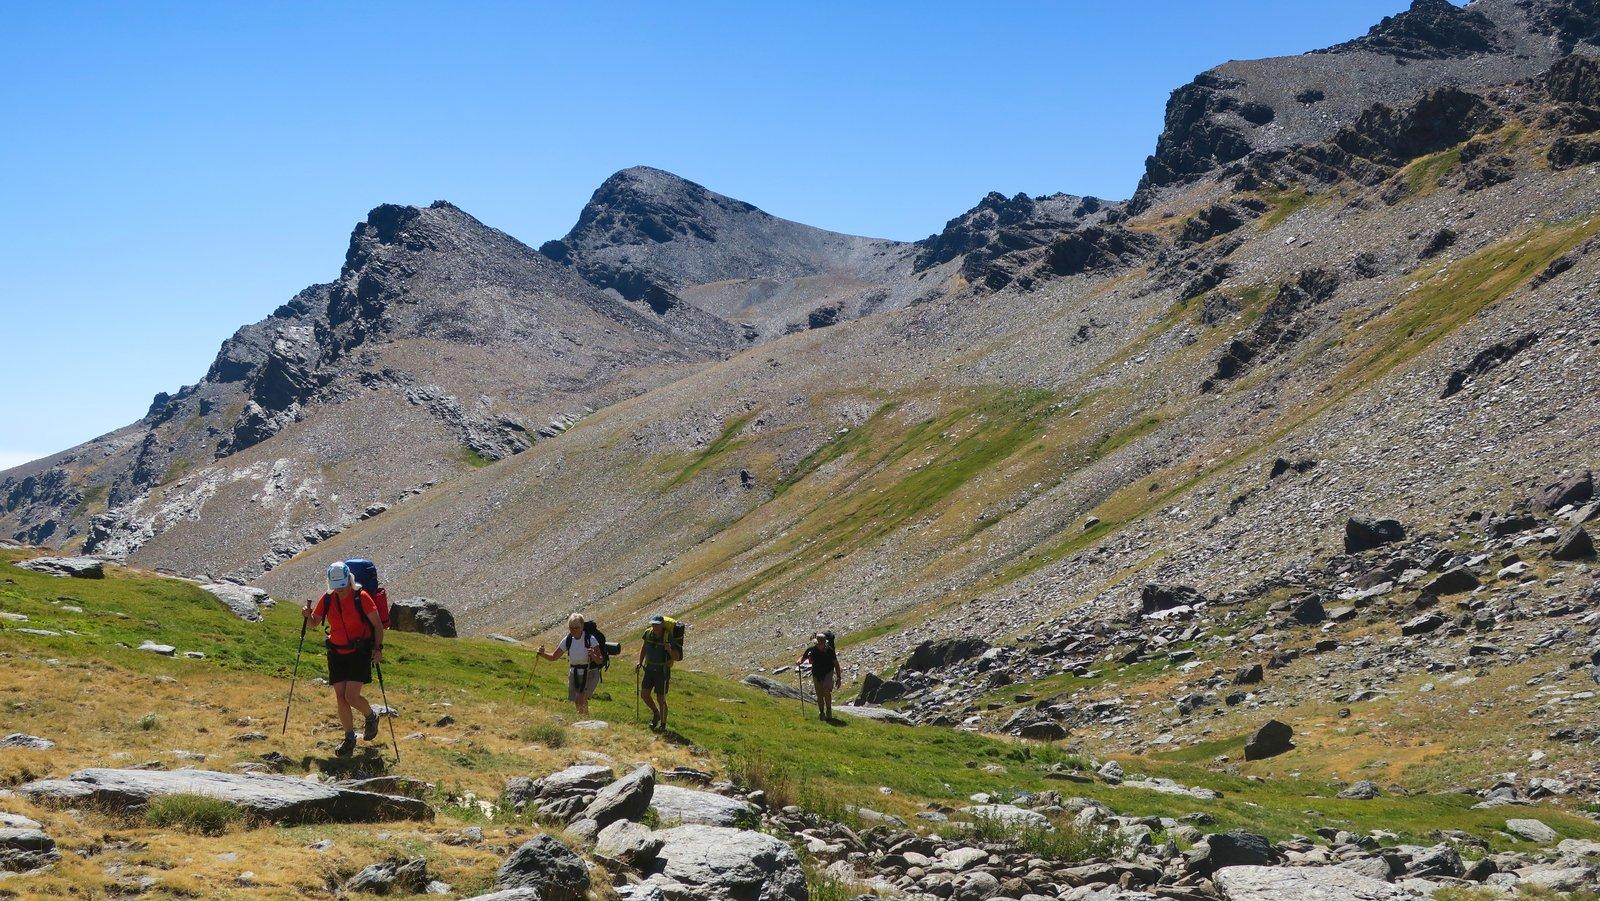 Cerro de Caballo behind as the valley opens out